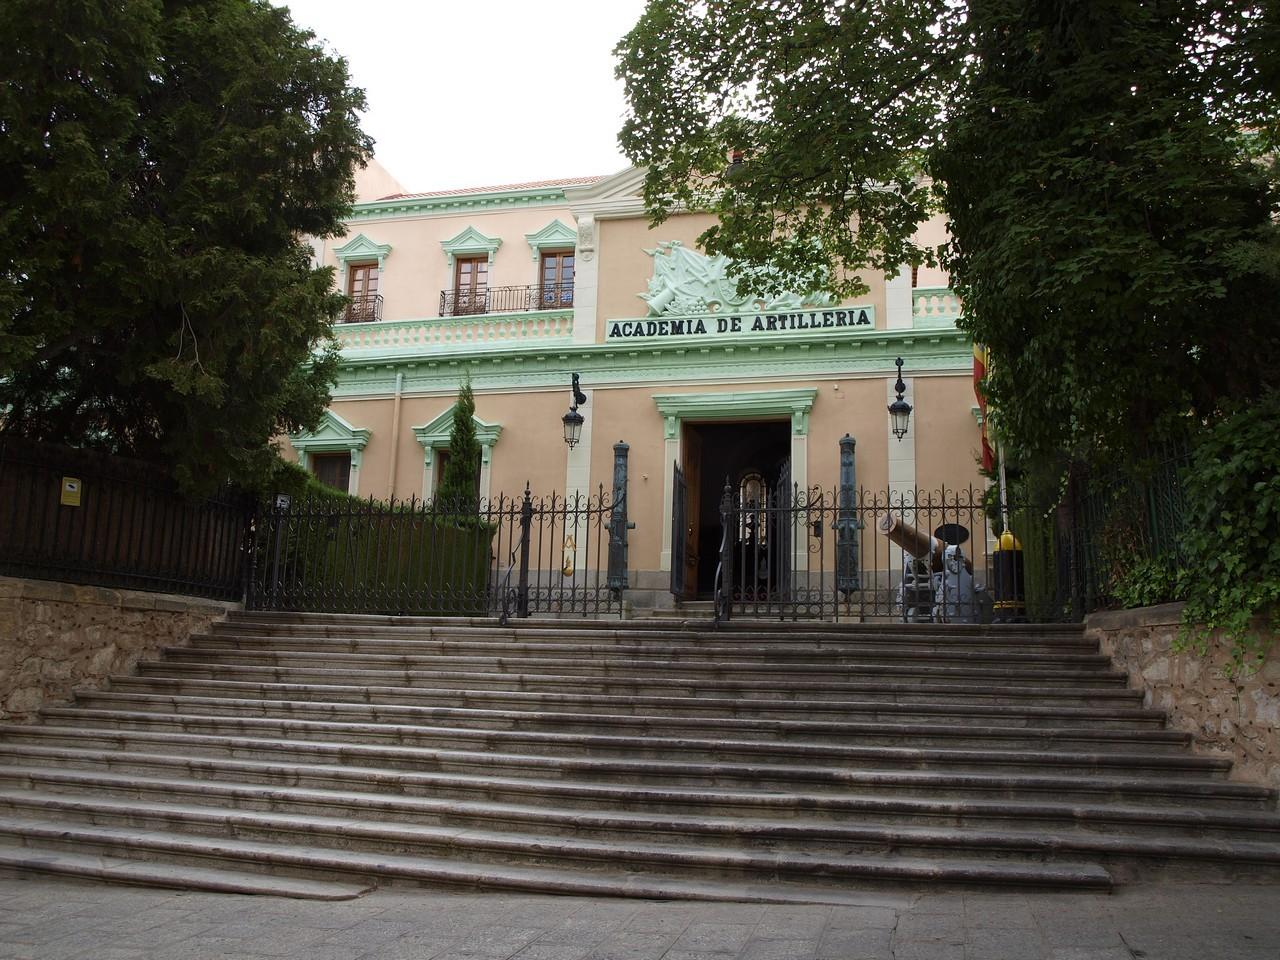 Fachada de San Francisco, 2011. En 2005 se restauró la escalinata y en 2009 se puso la verja de cerramiento. 34.- ACADEMIA DE ARTILLERÍA, BIBLIOTECA. La ACART en 2011 (fotografía realizada por D. Ángel Sanz Andrés).